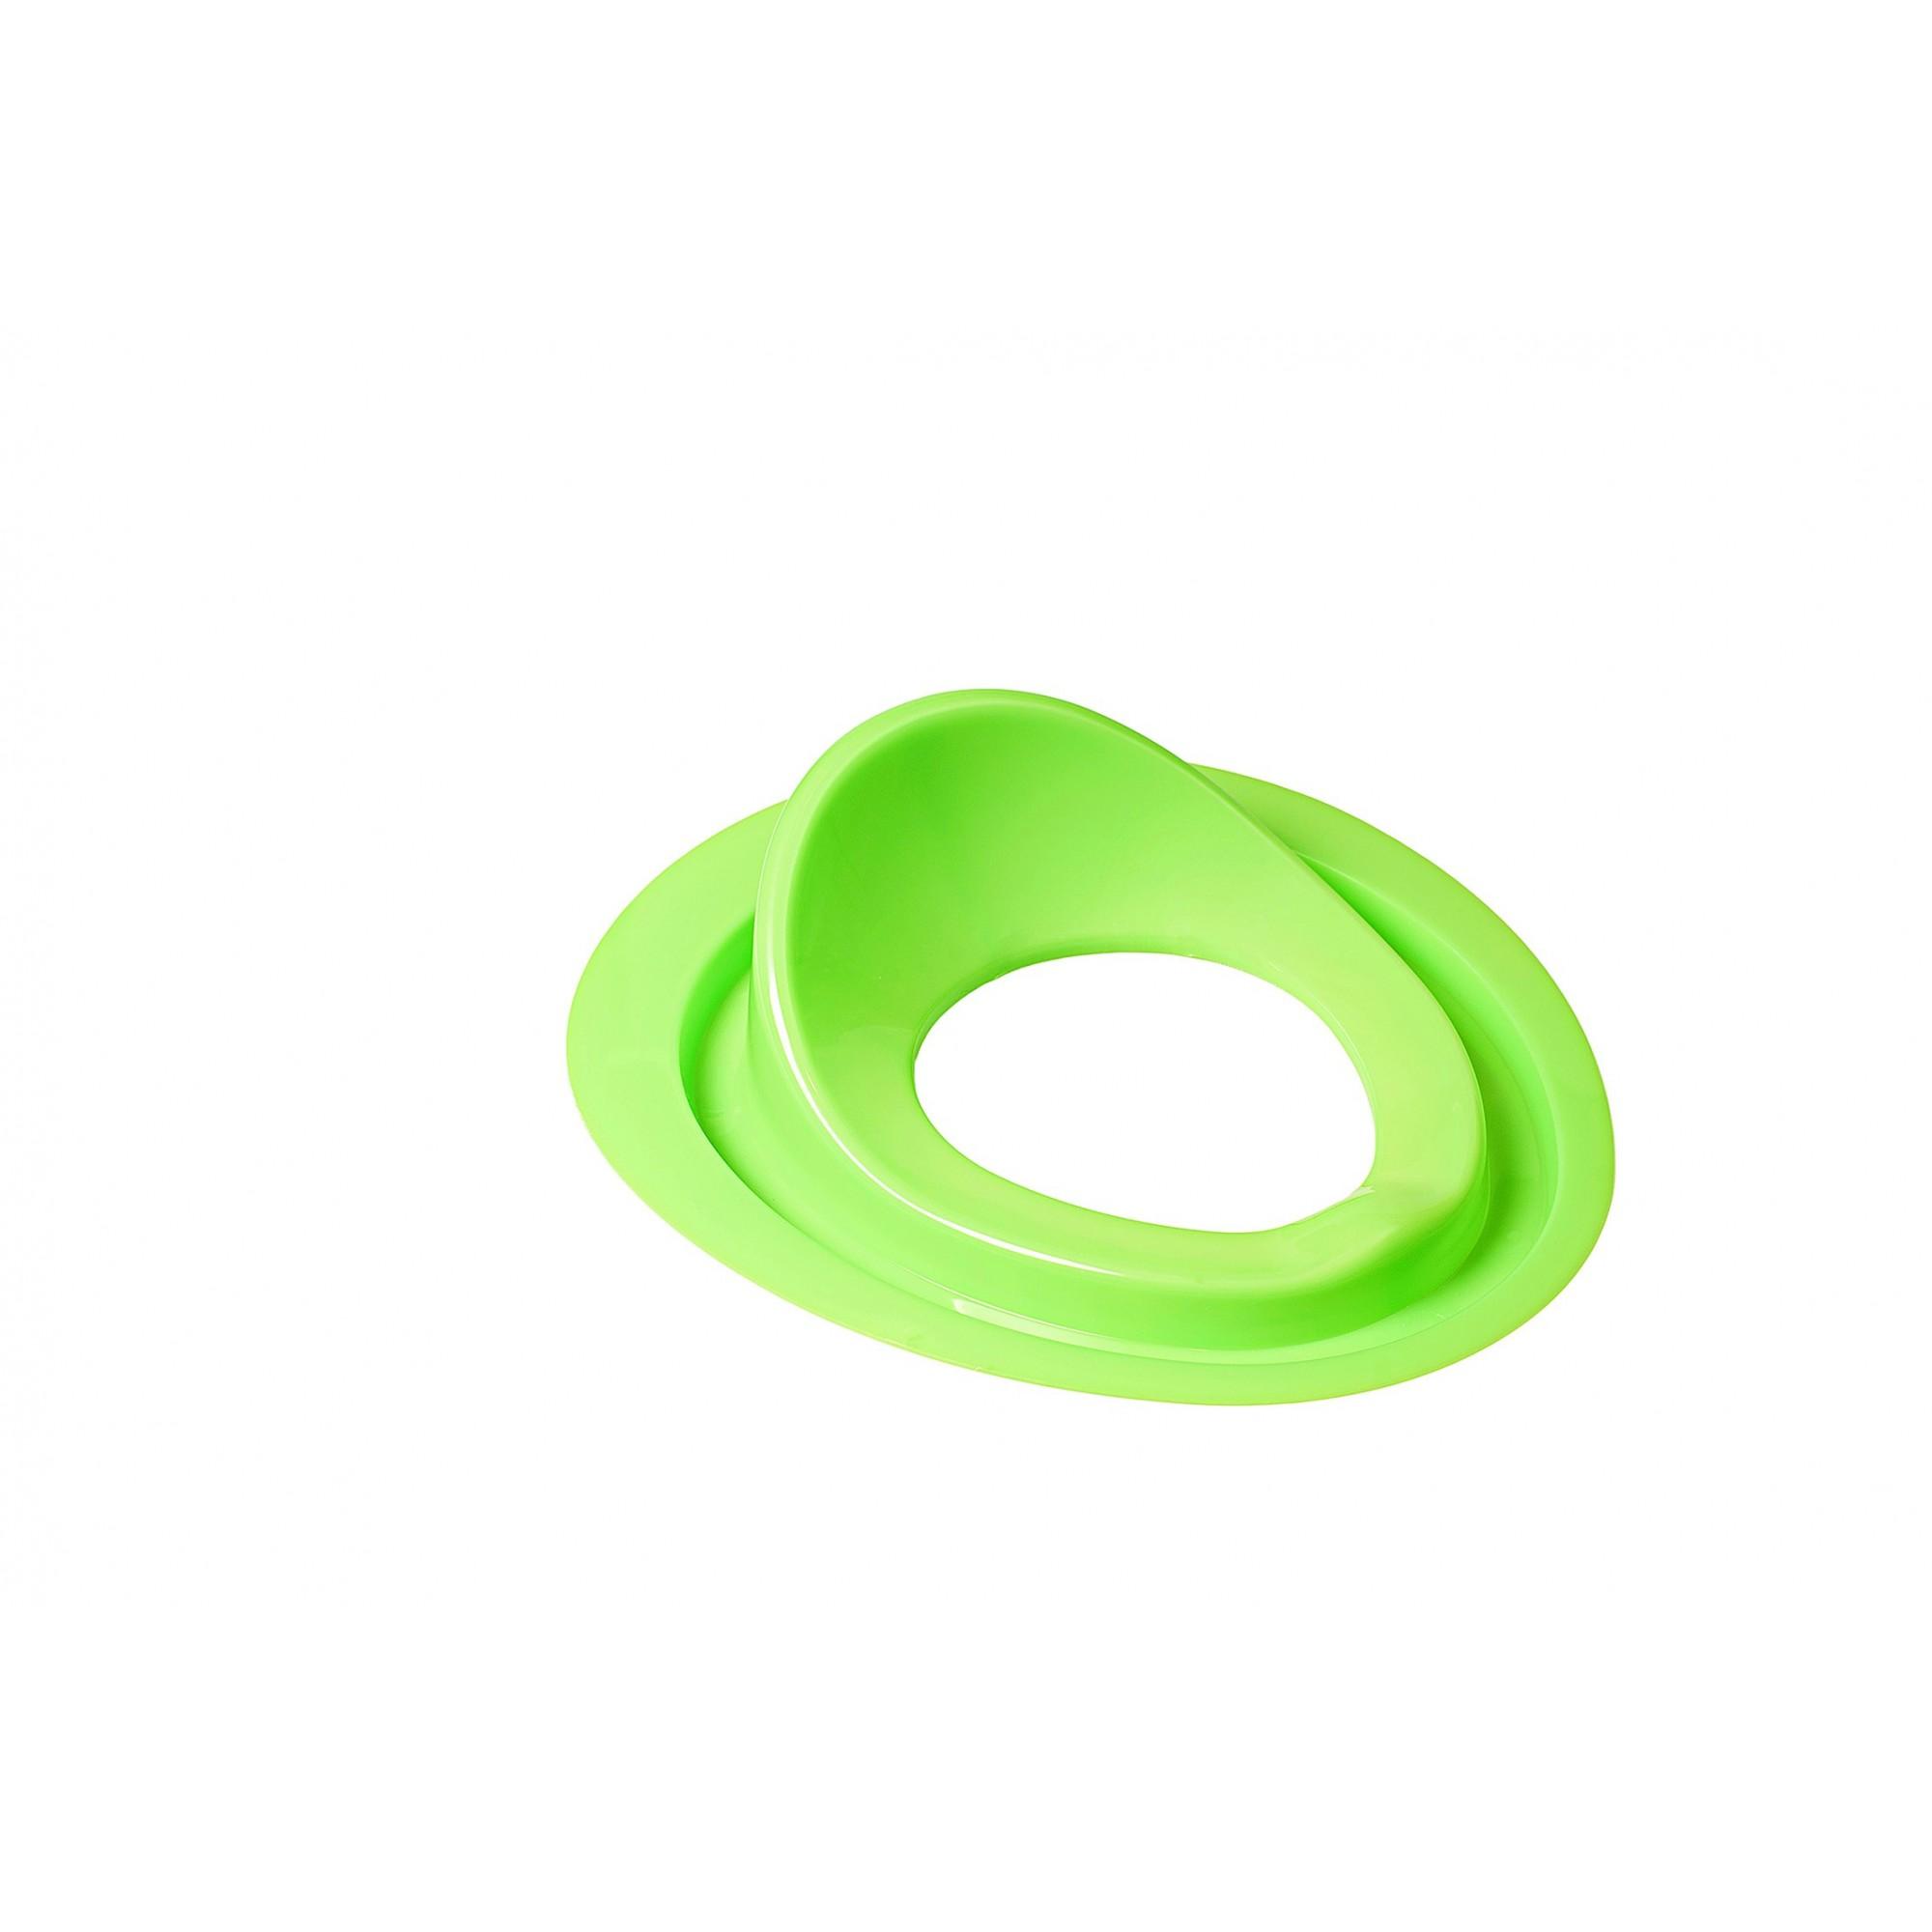 Накладка детская для унитаза SYDANIT Бобас под крышку зеленая SYDANIT - 1